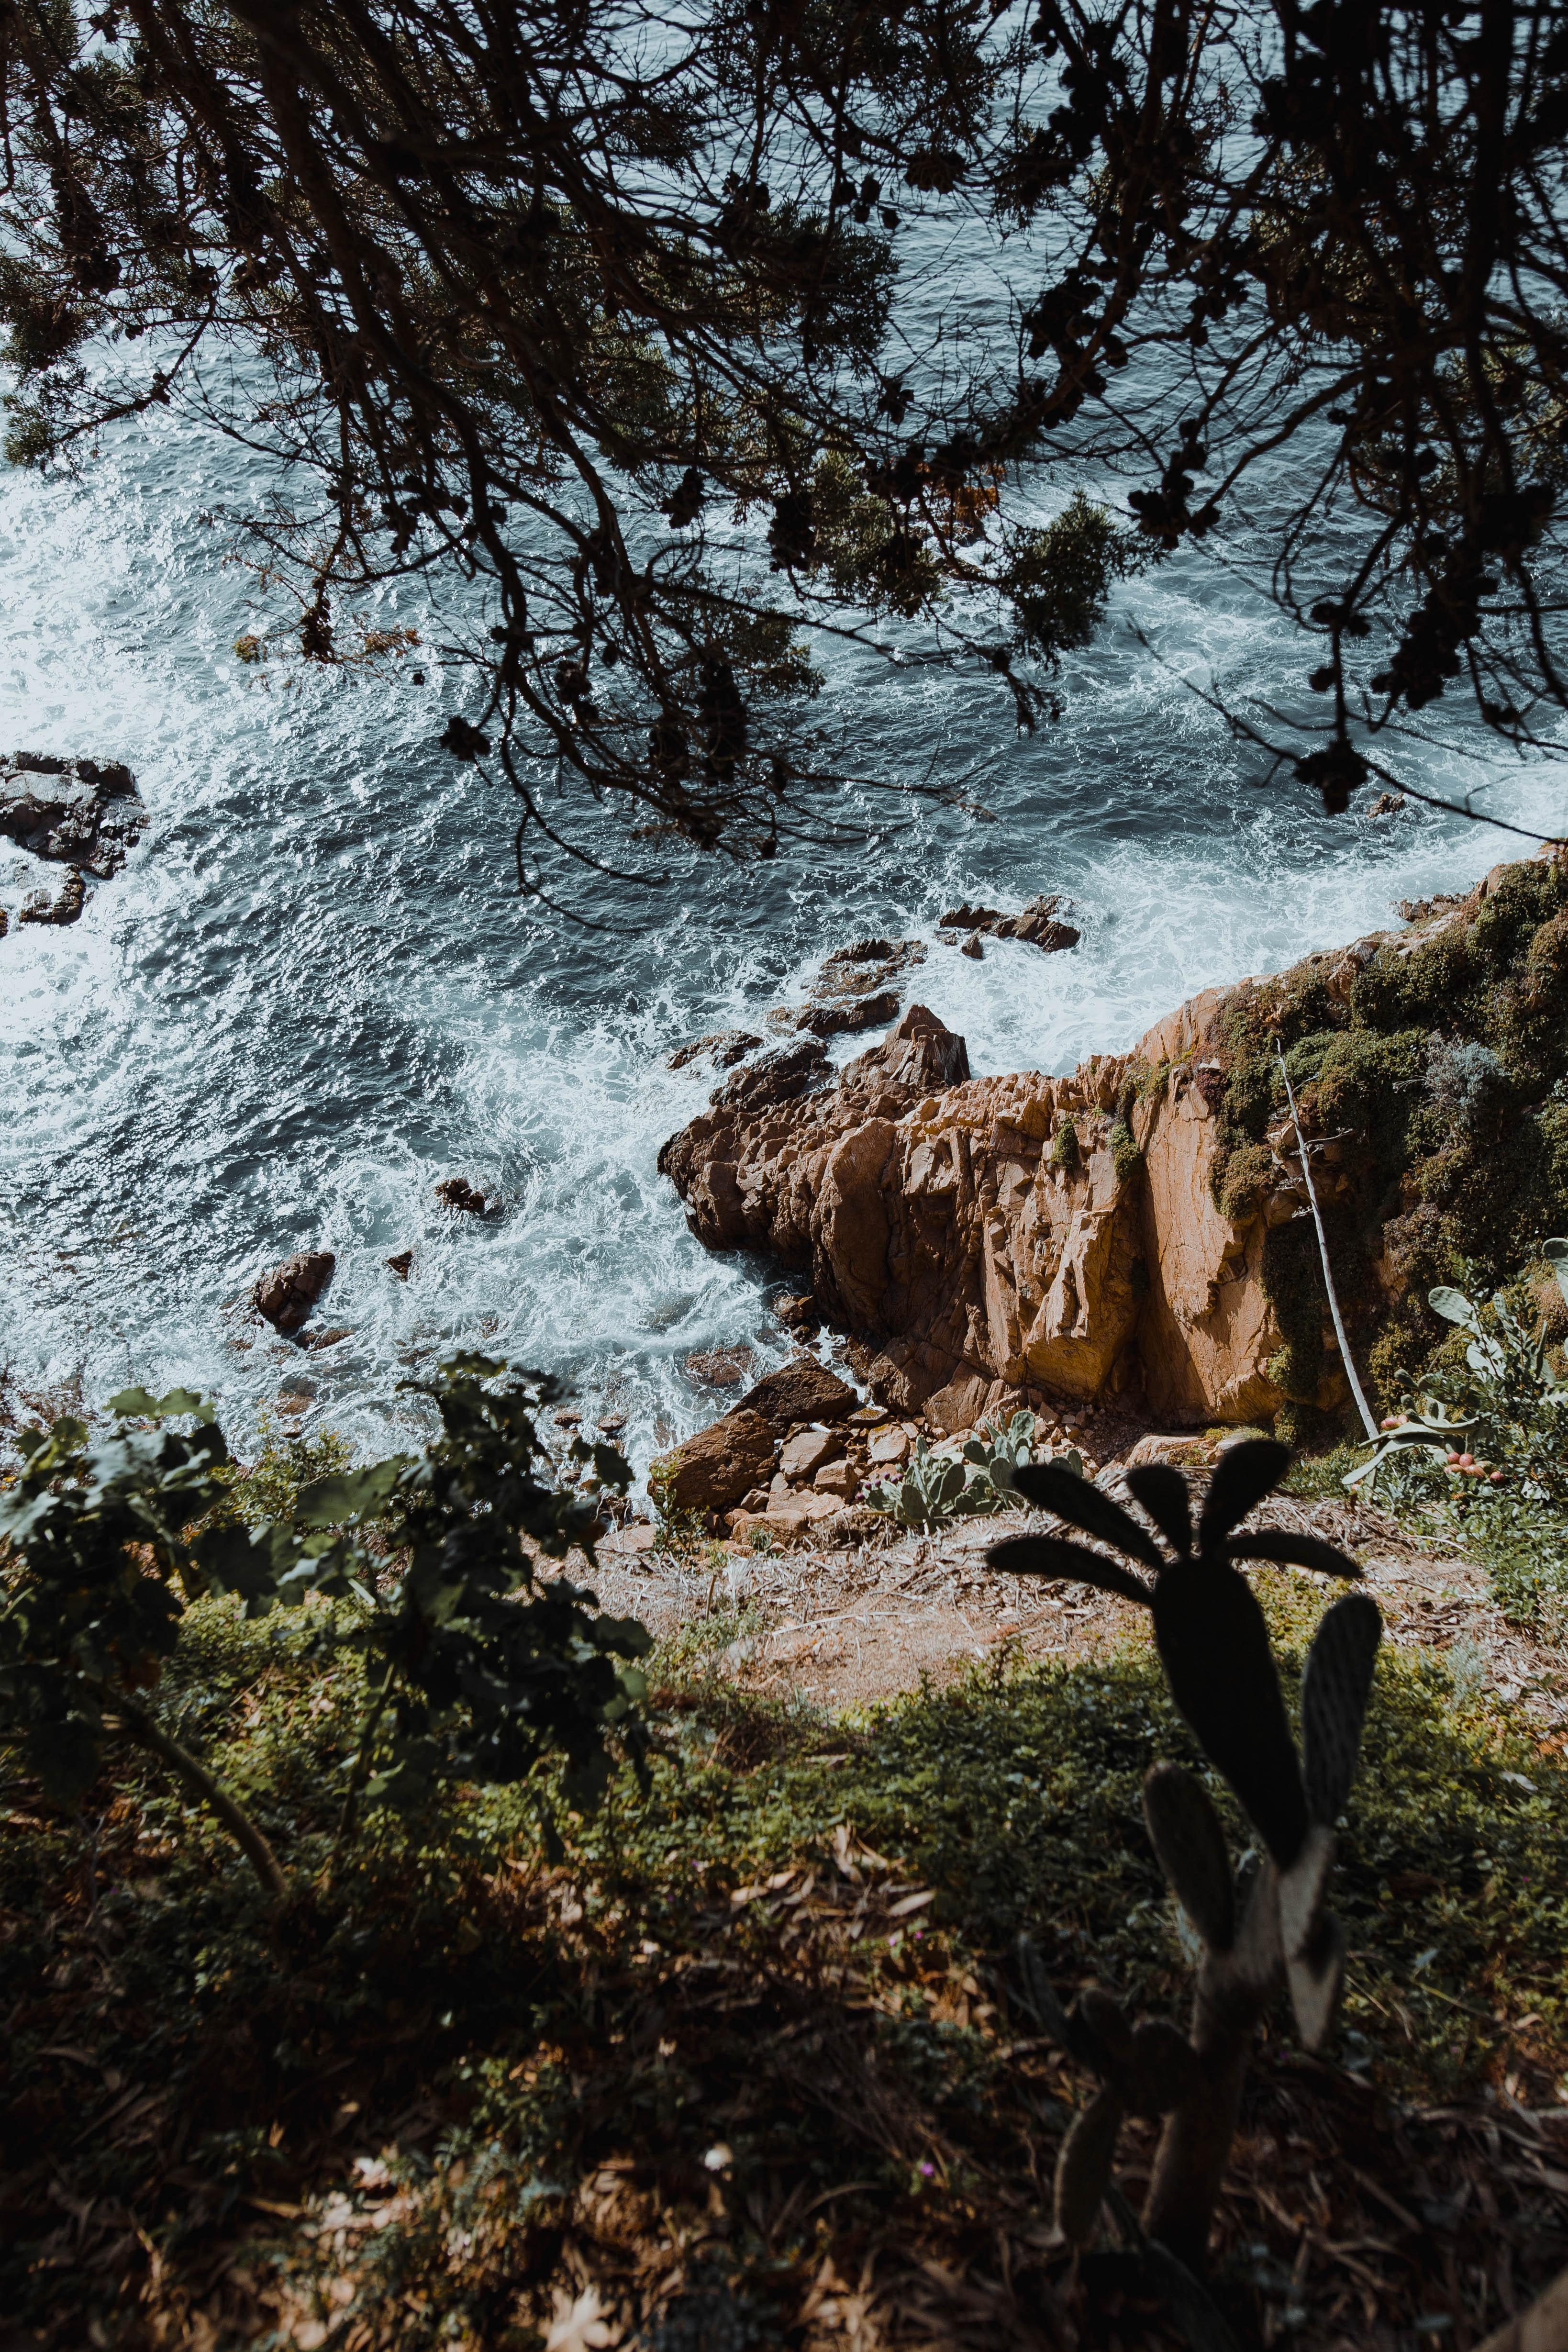 136845 descargar fondo de pantalla Naturaleza, Roca, Mar, Sucursales, Ramas, Cactus: protectores de pantalla e imágenes gratis